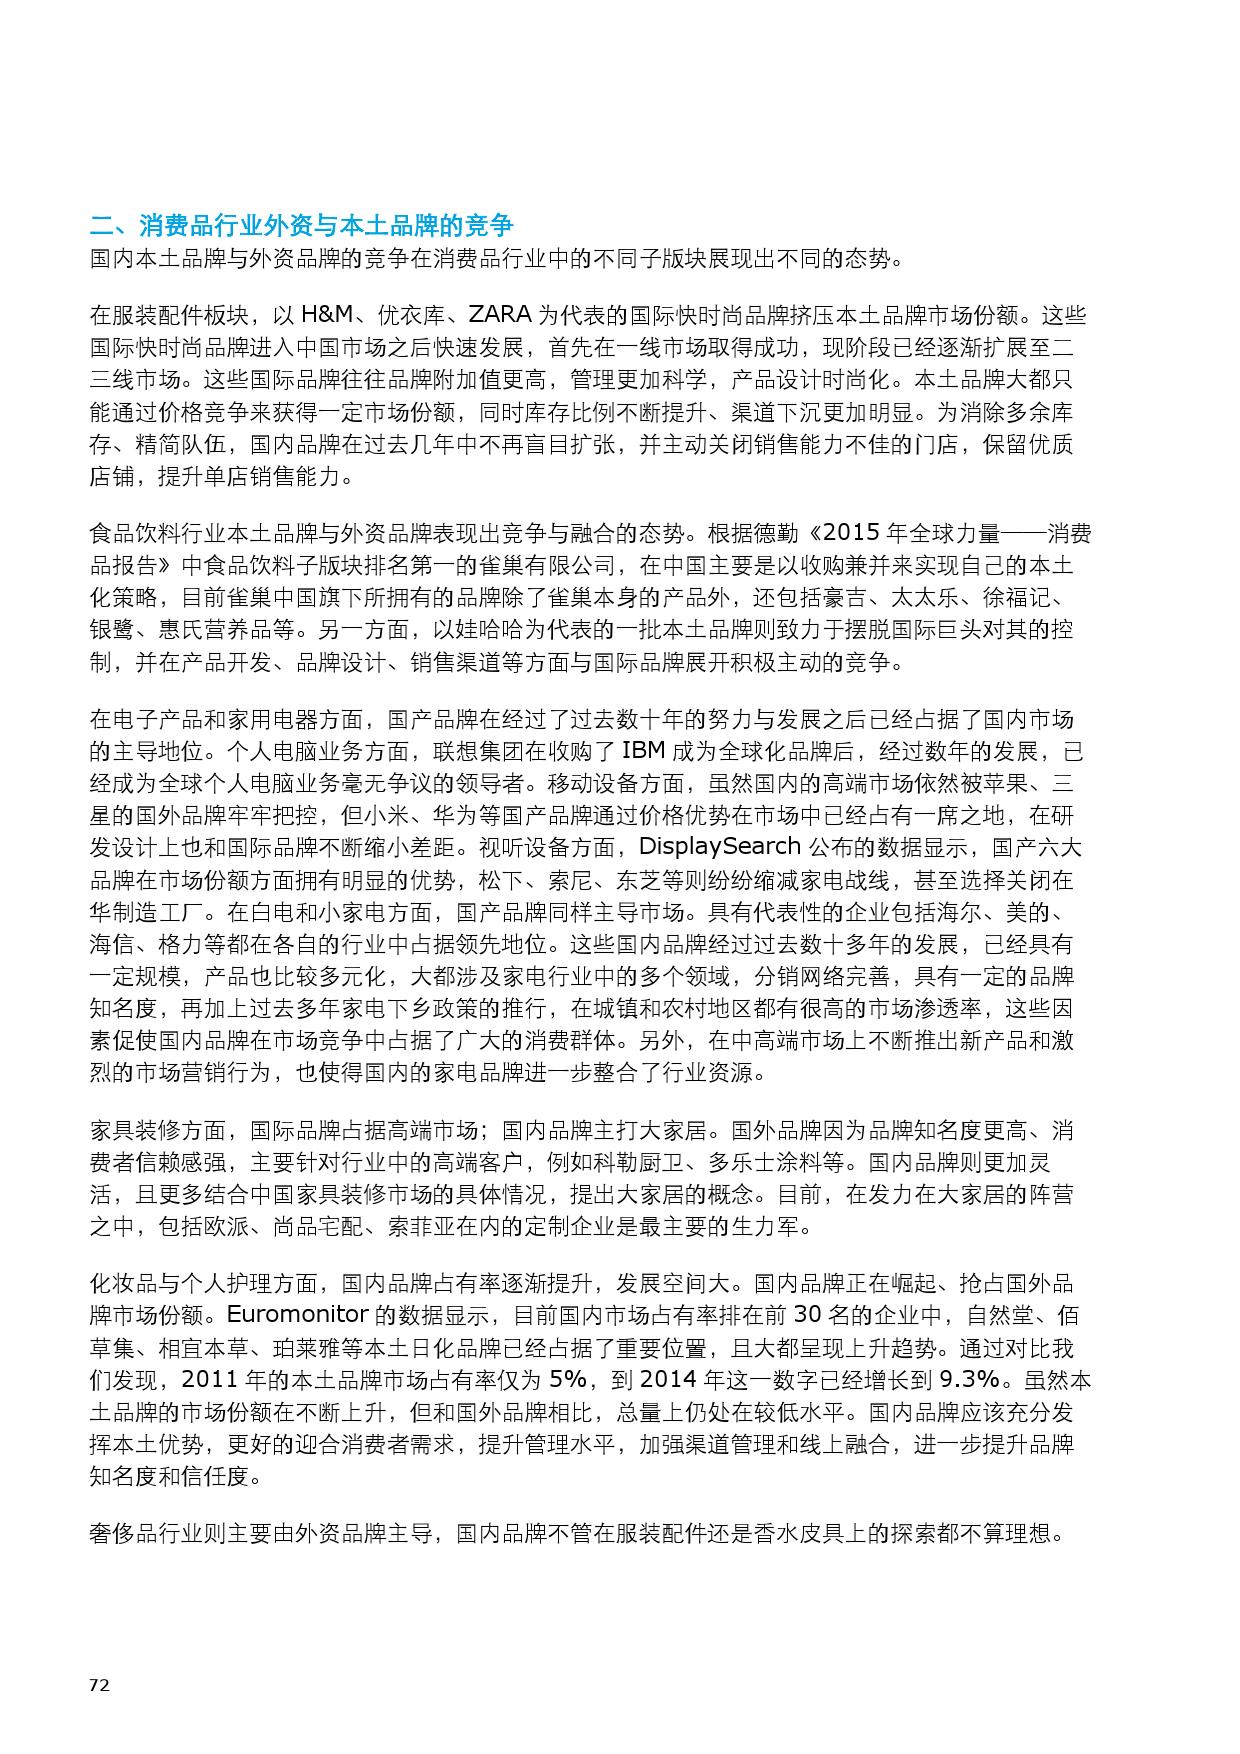 2015中国零售产业投资促进报告_000080